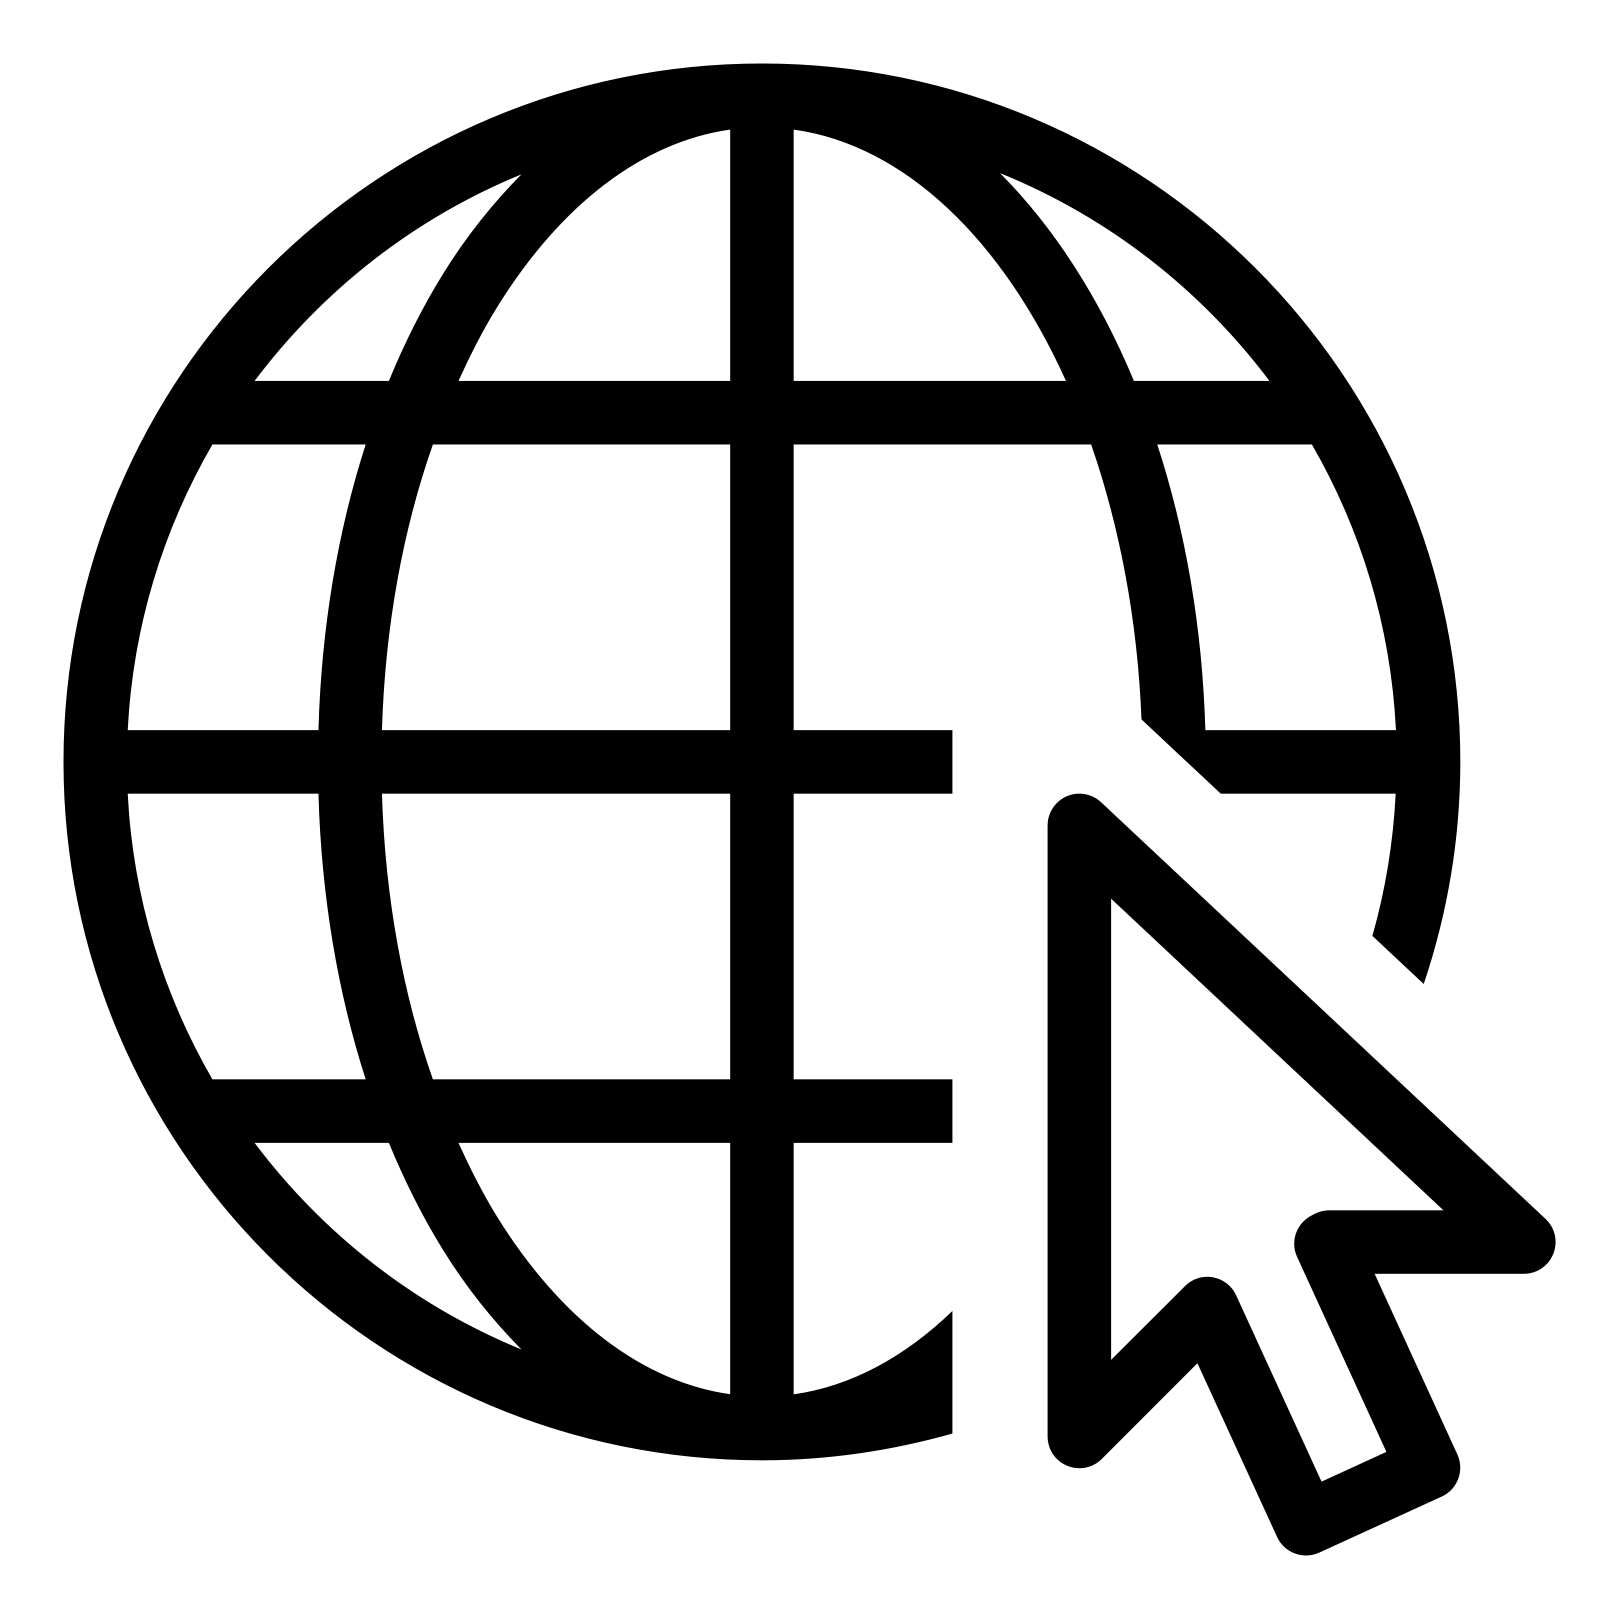 Internet Logo Png Transparent – ardusat.org